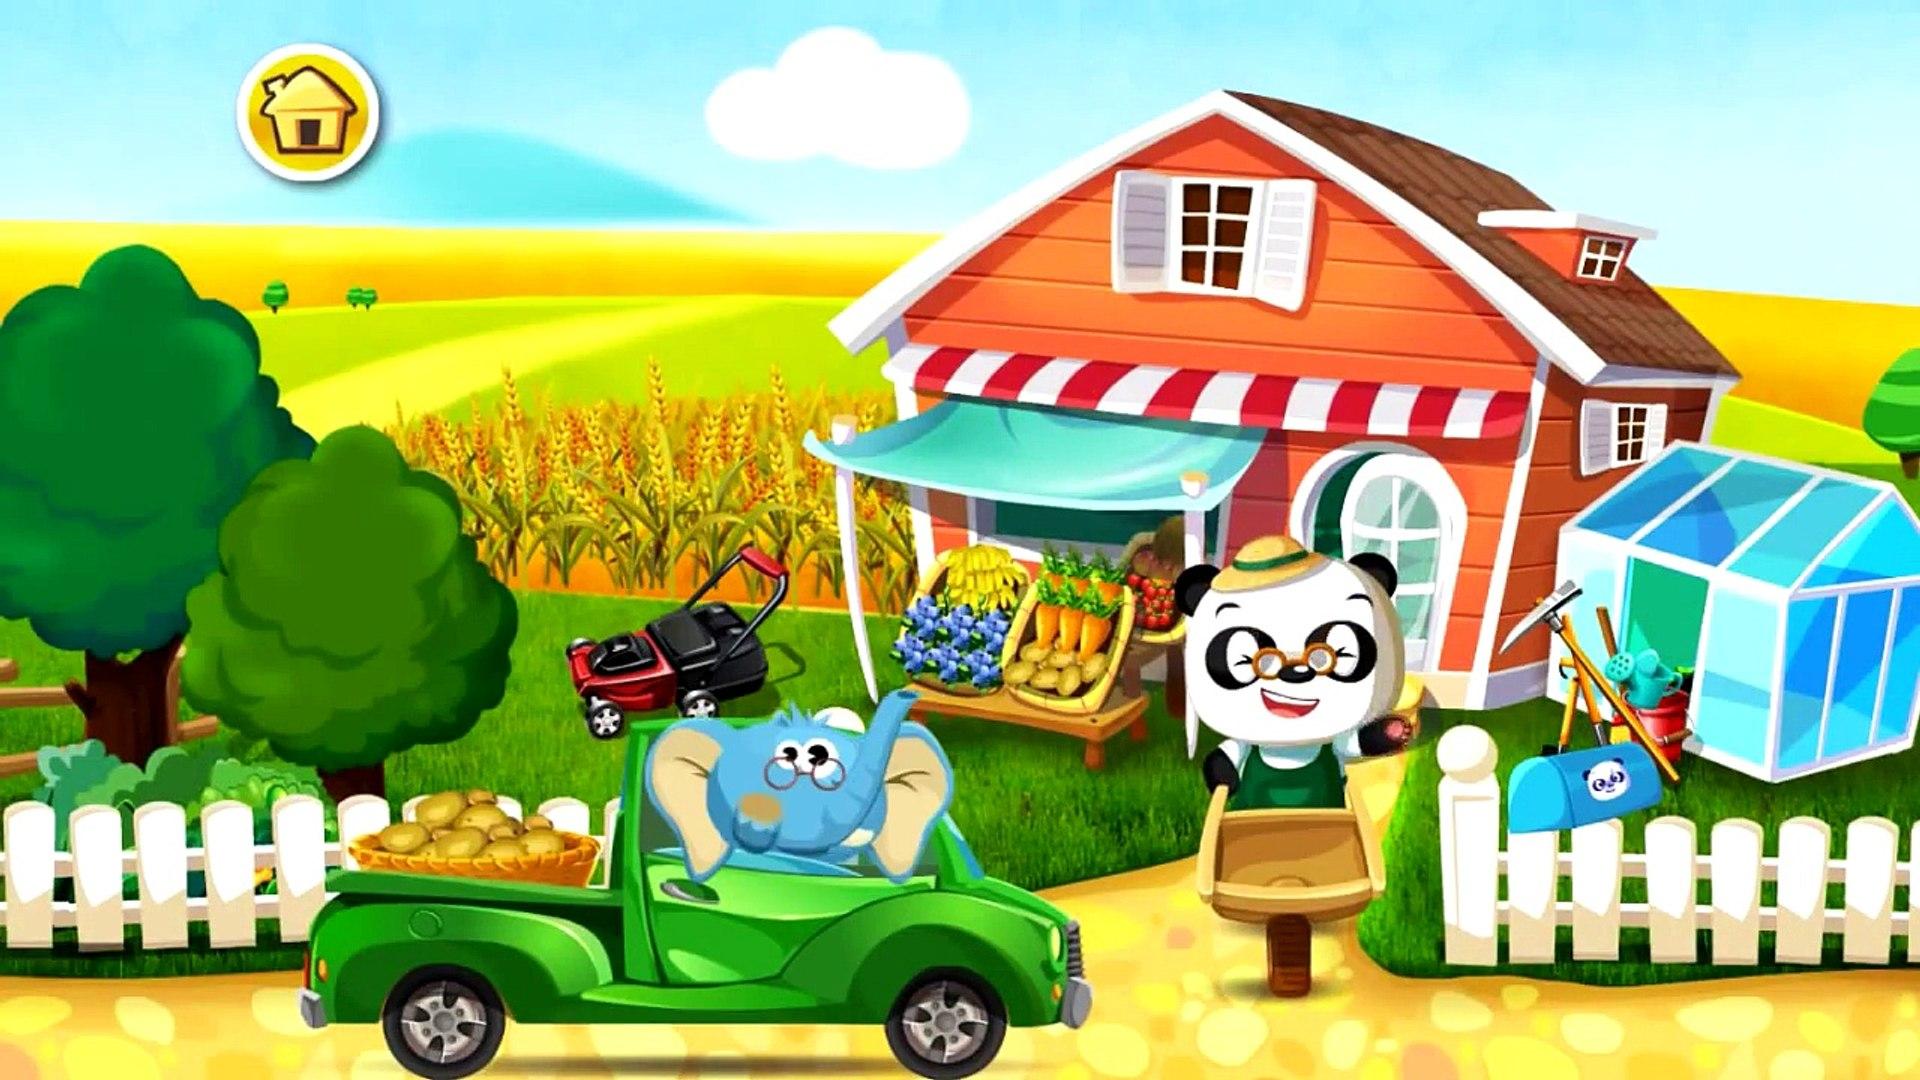 Сад доктора панды | овощи и фрукты | мультик игра детям # 2